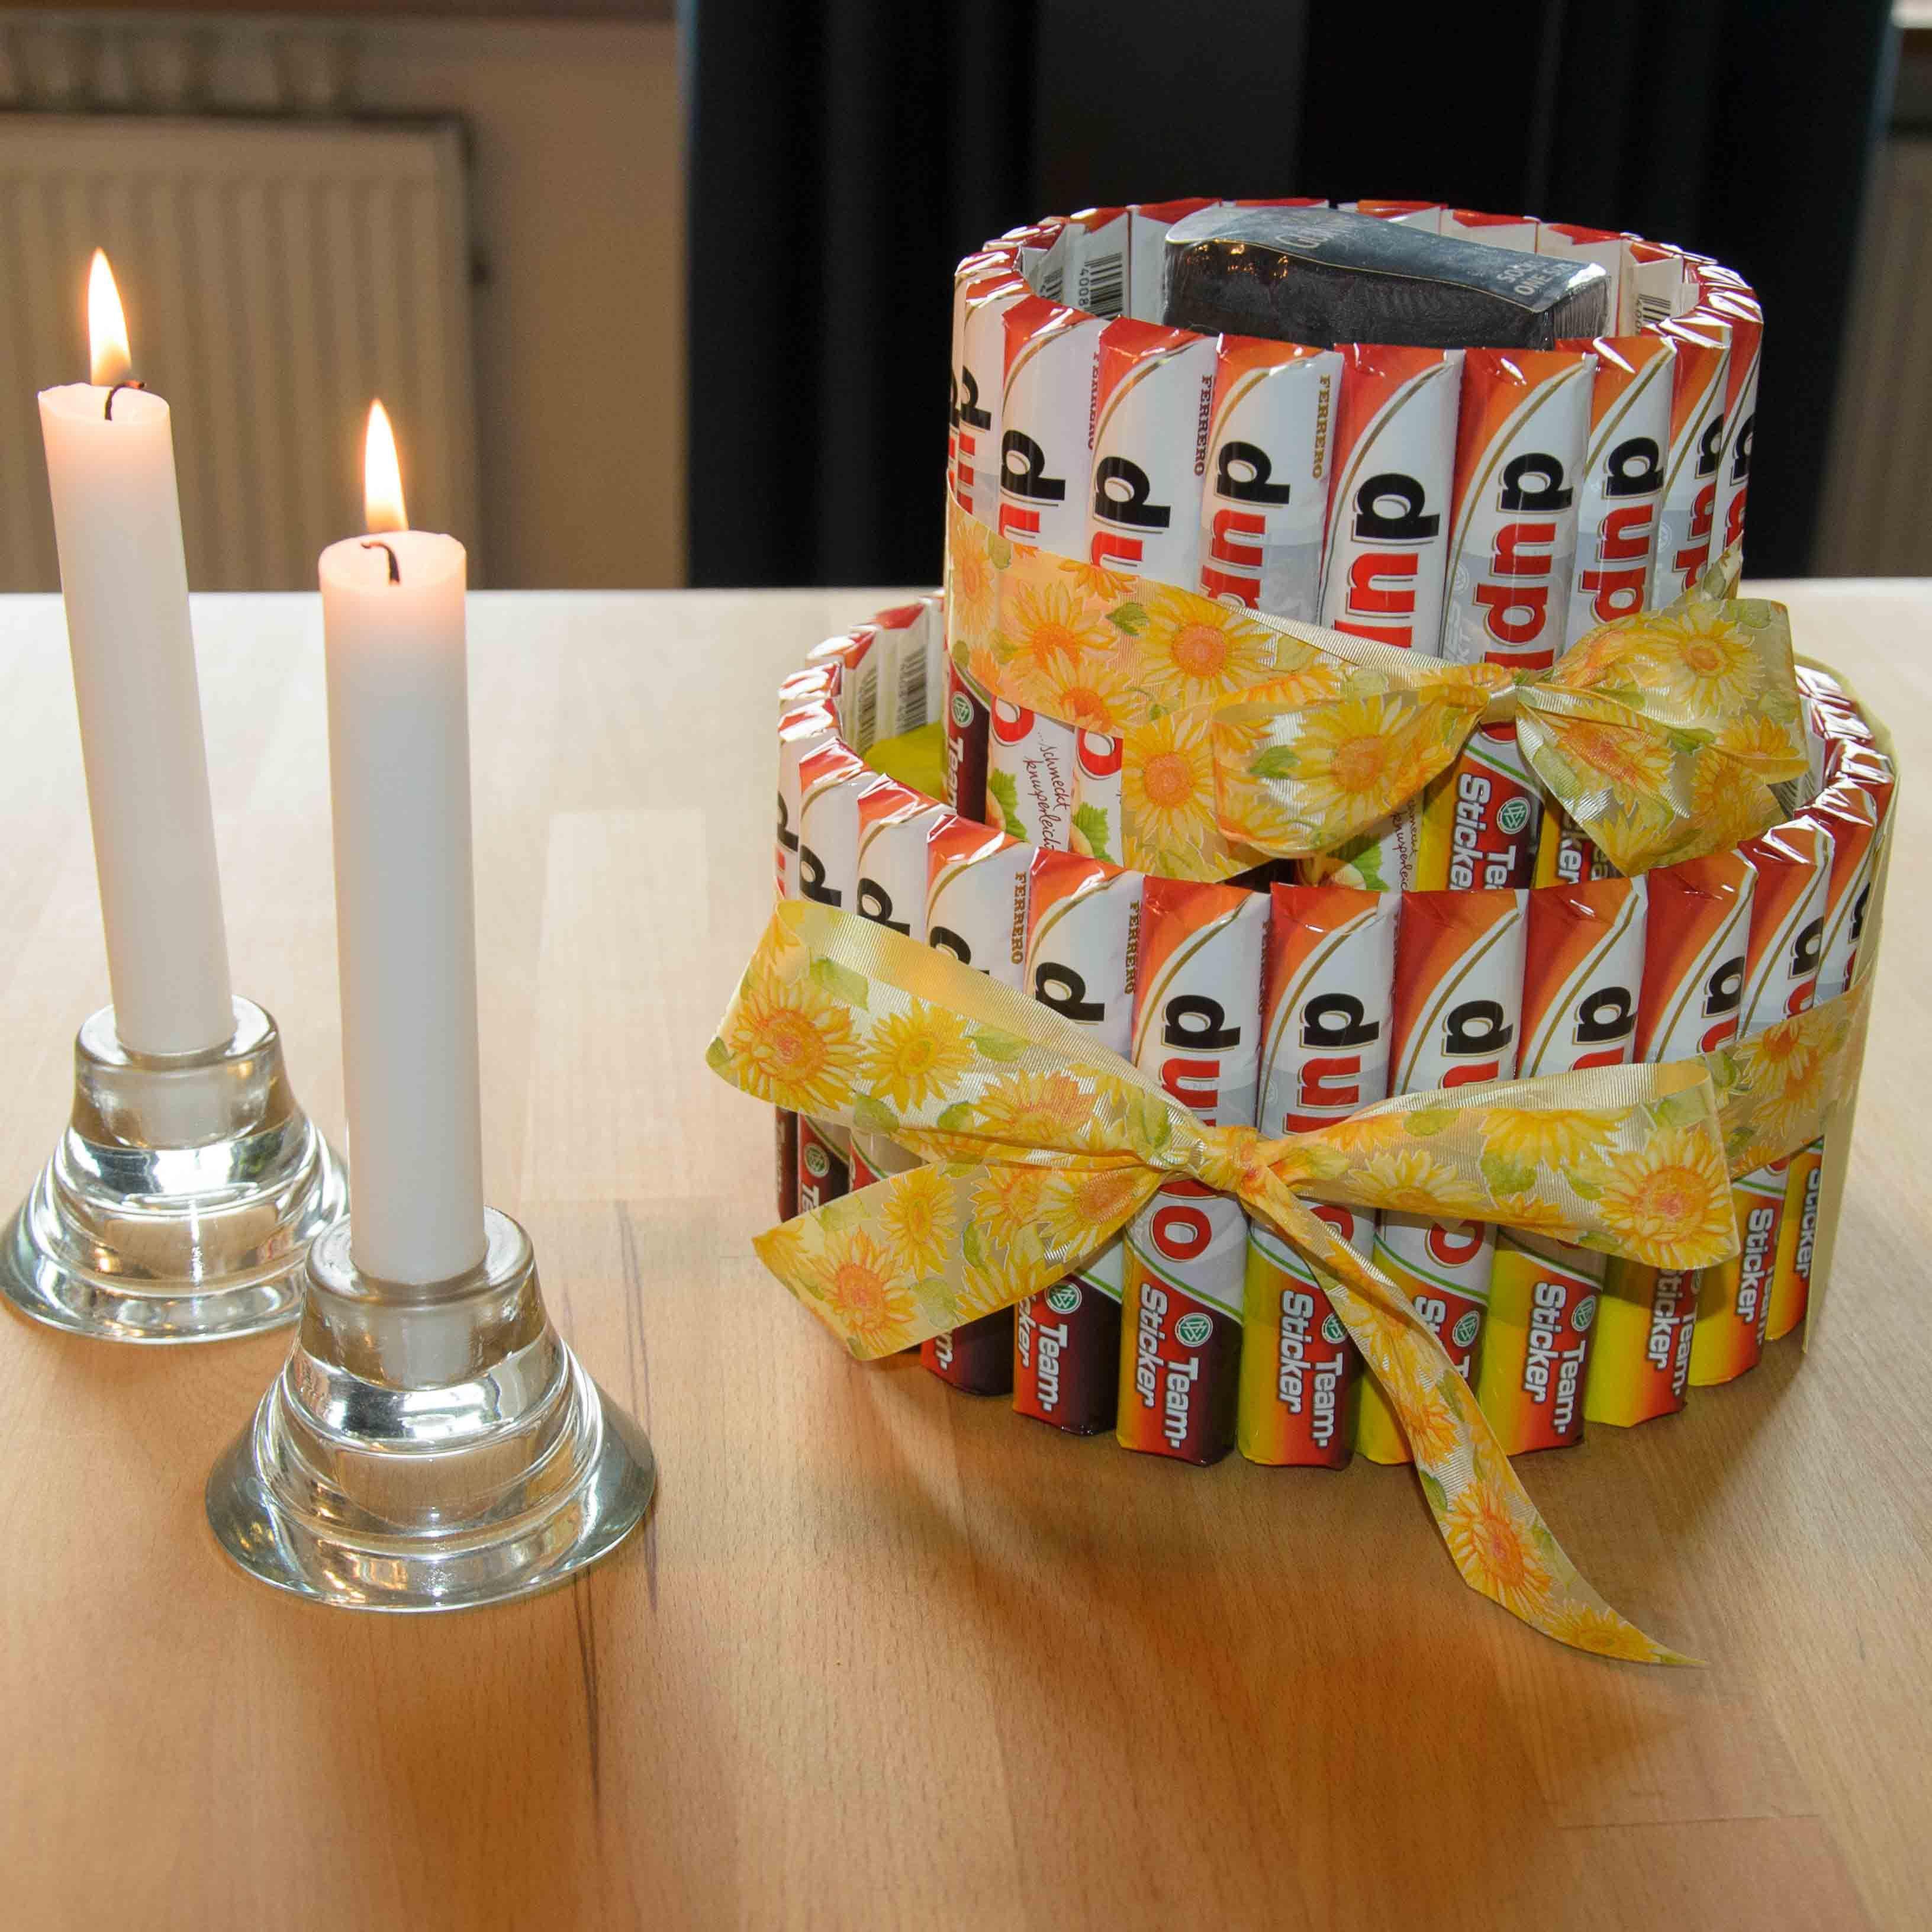 duplo torte als geschenkverpackung zum geburtstag meine diys pinterest. Black Bedroom Furniture Sets. Home Design Ideas